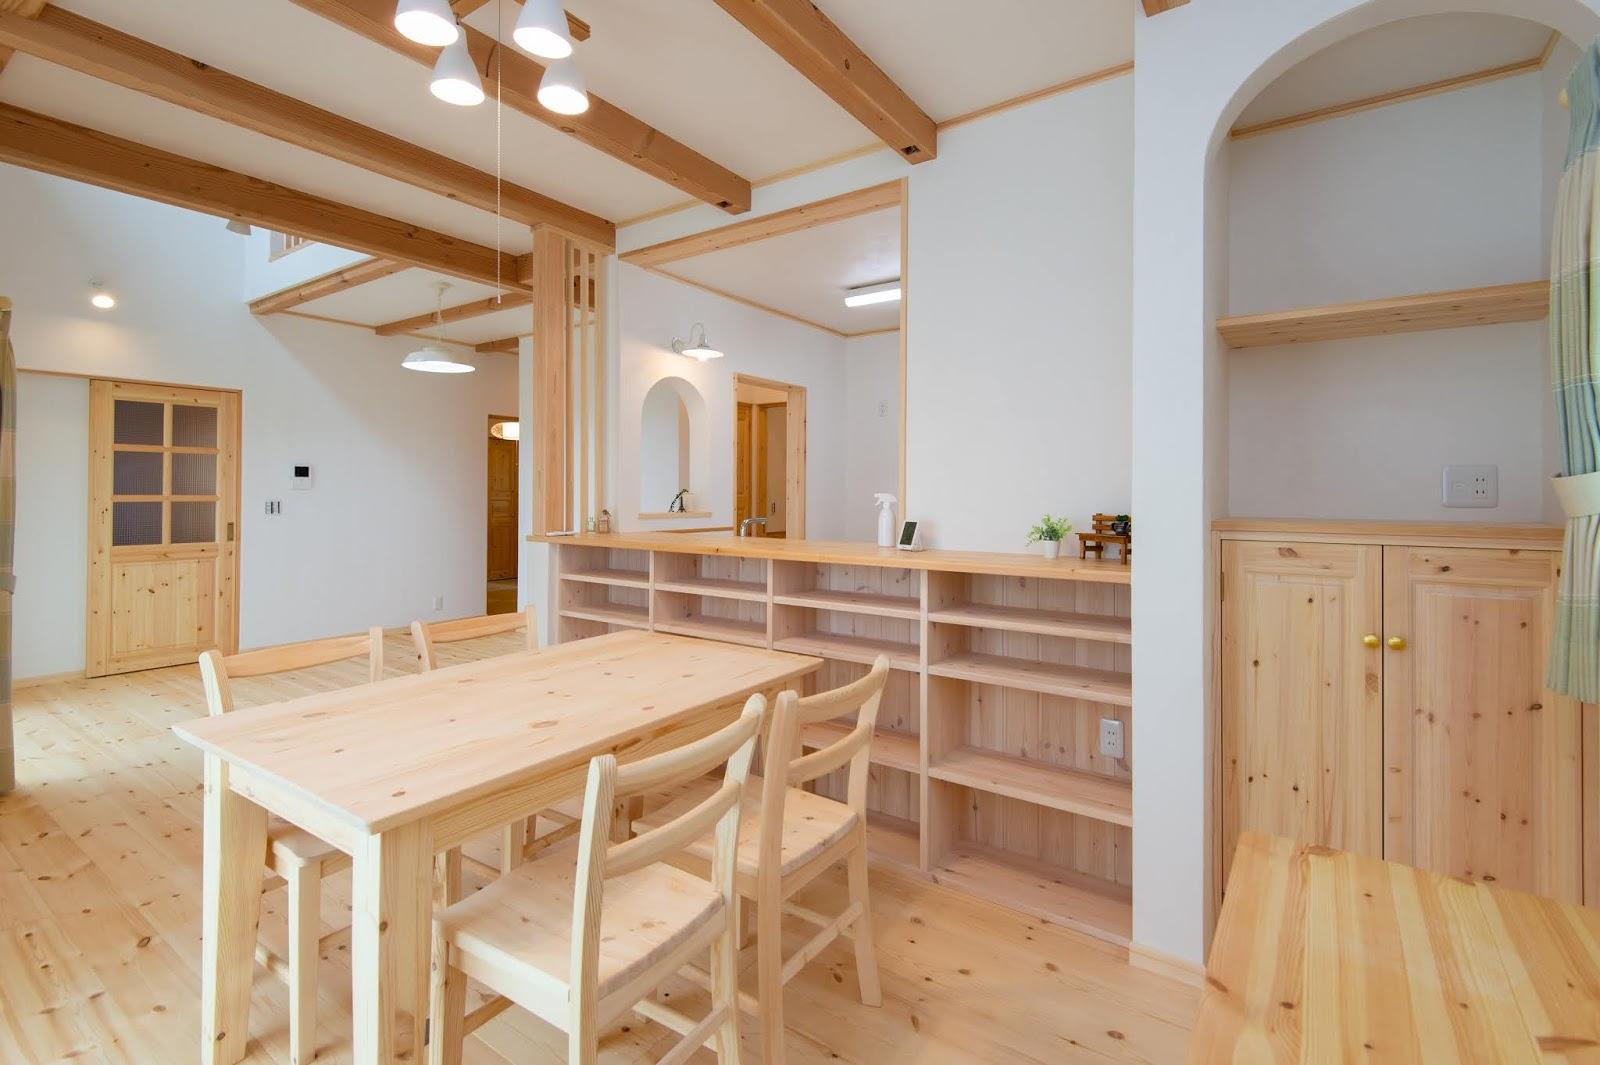 木の家 自然素材の家 三重県鈴鹿市みのや 全館空調 注文住宅